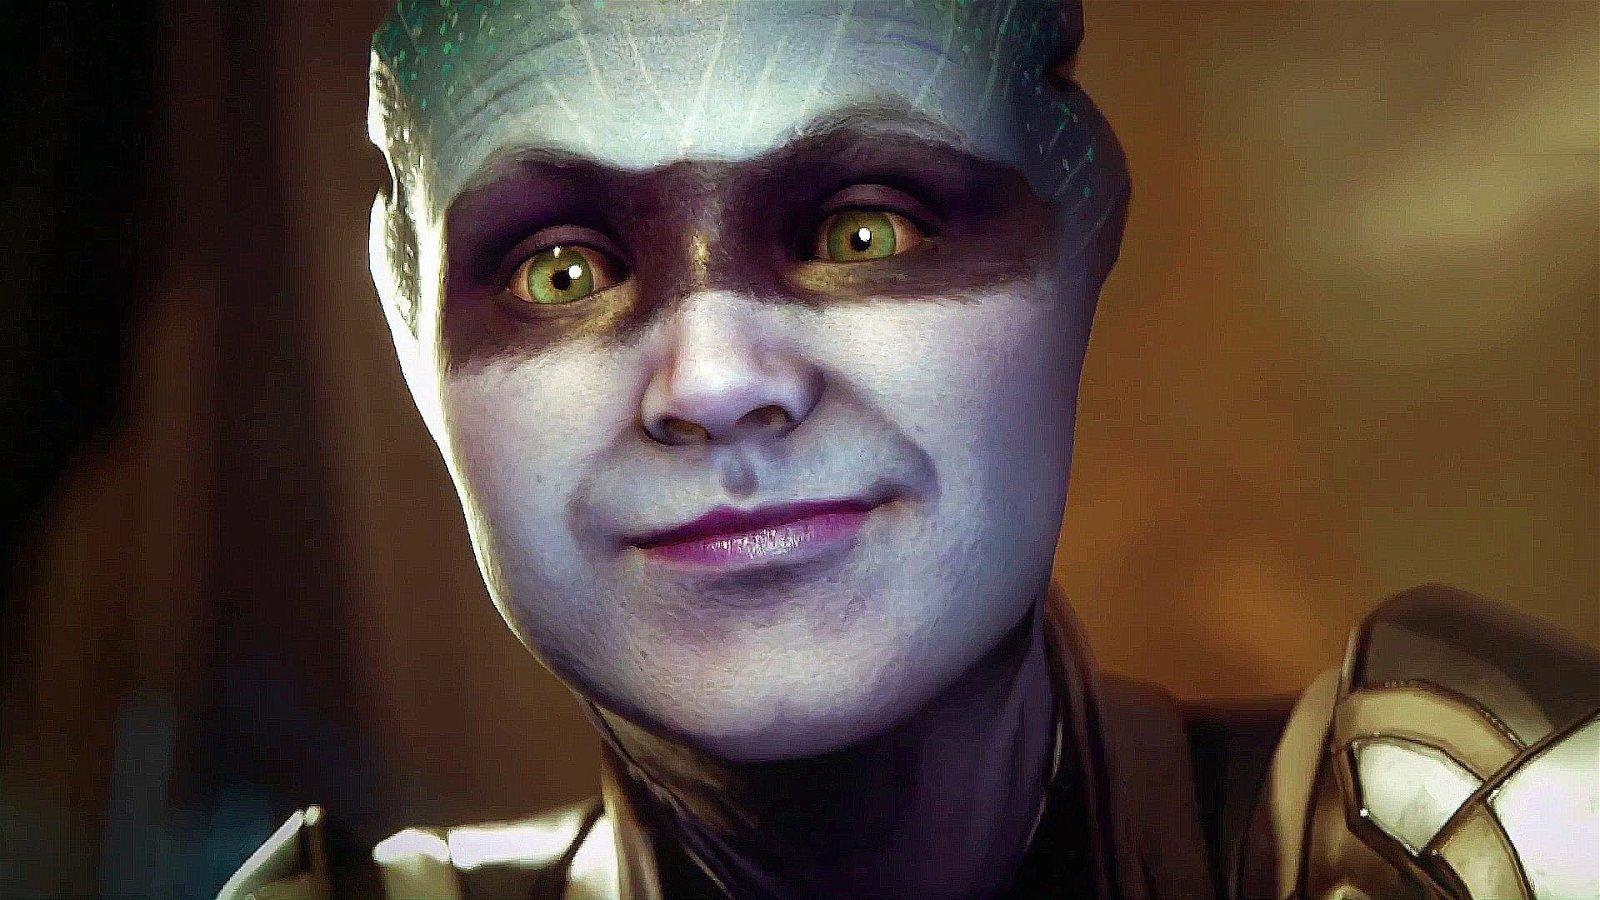 Mass Effect: El asistente de voz Amazon Echo esconde un guiño al juego